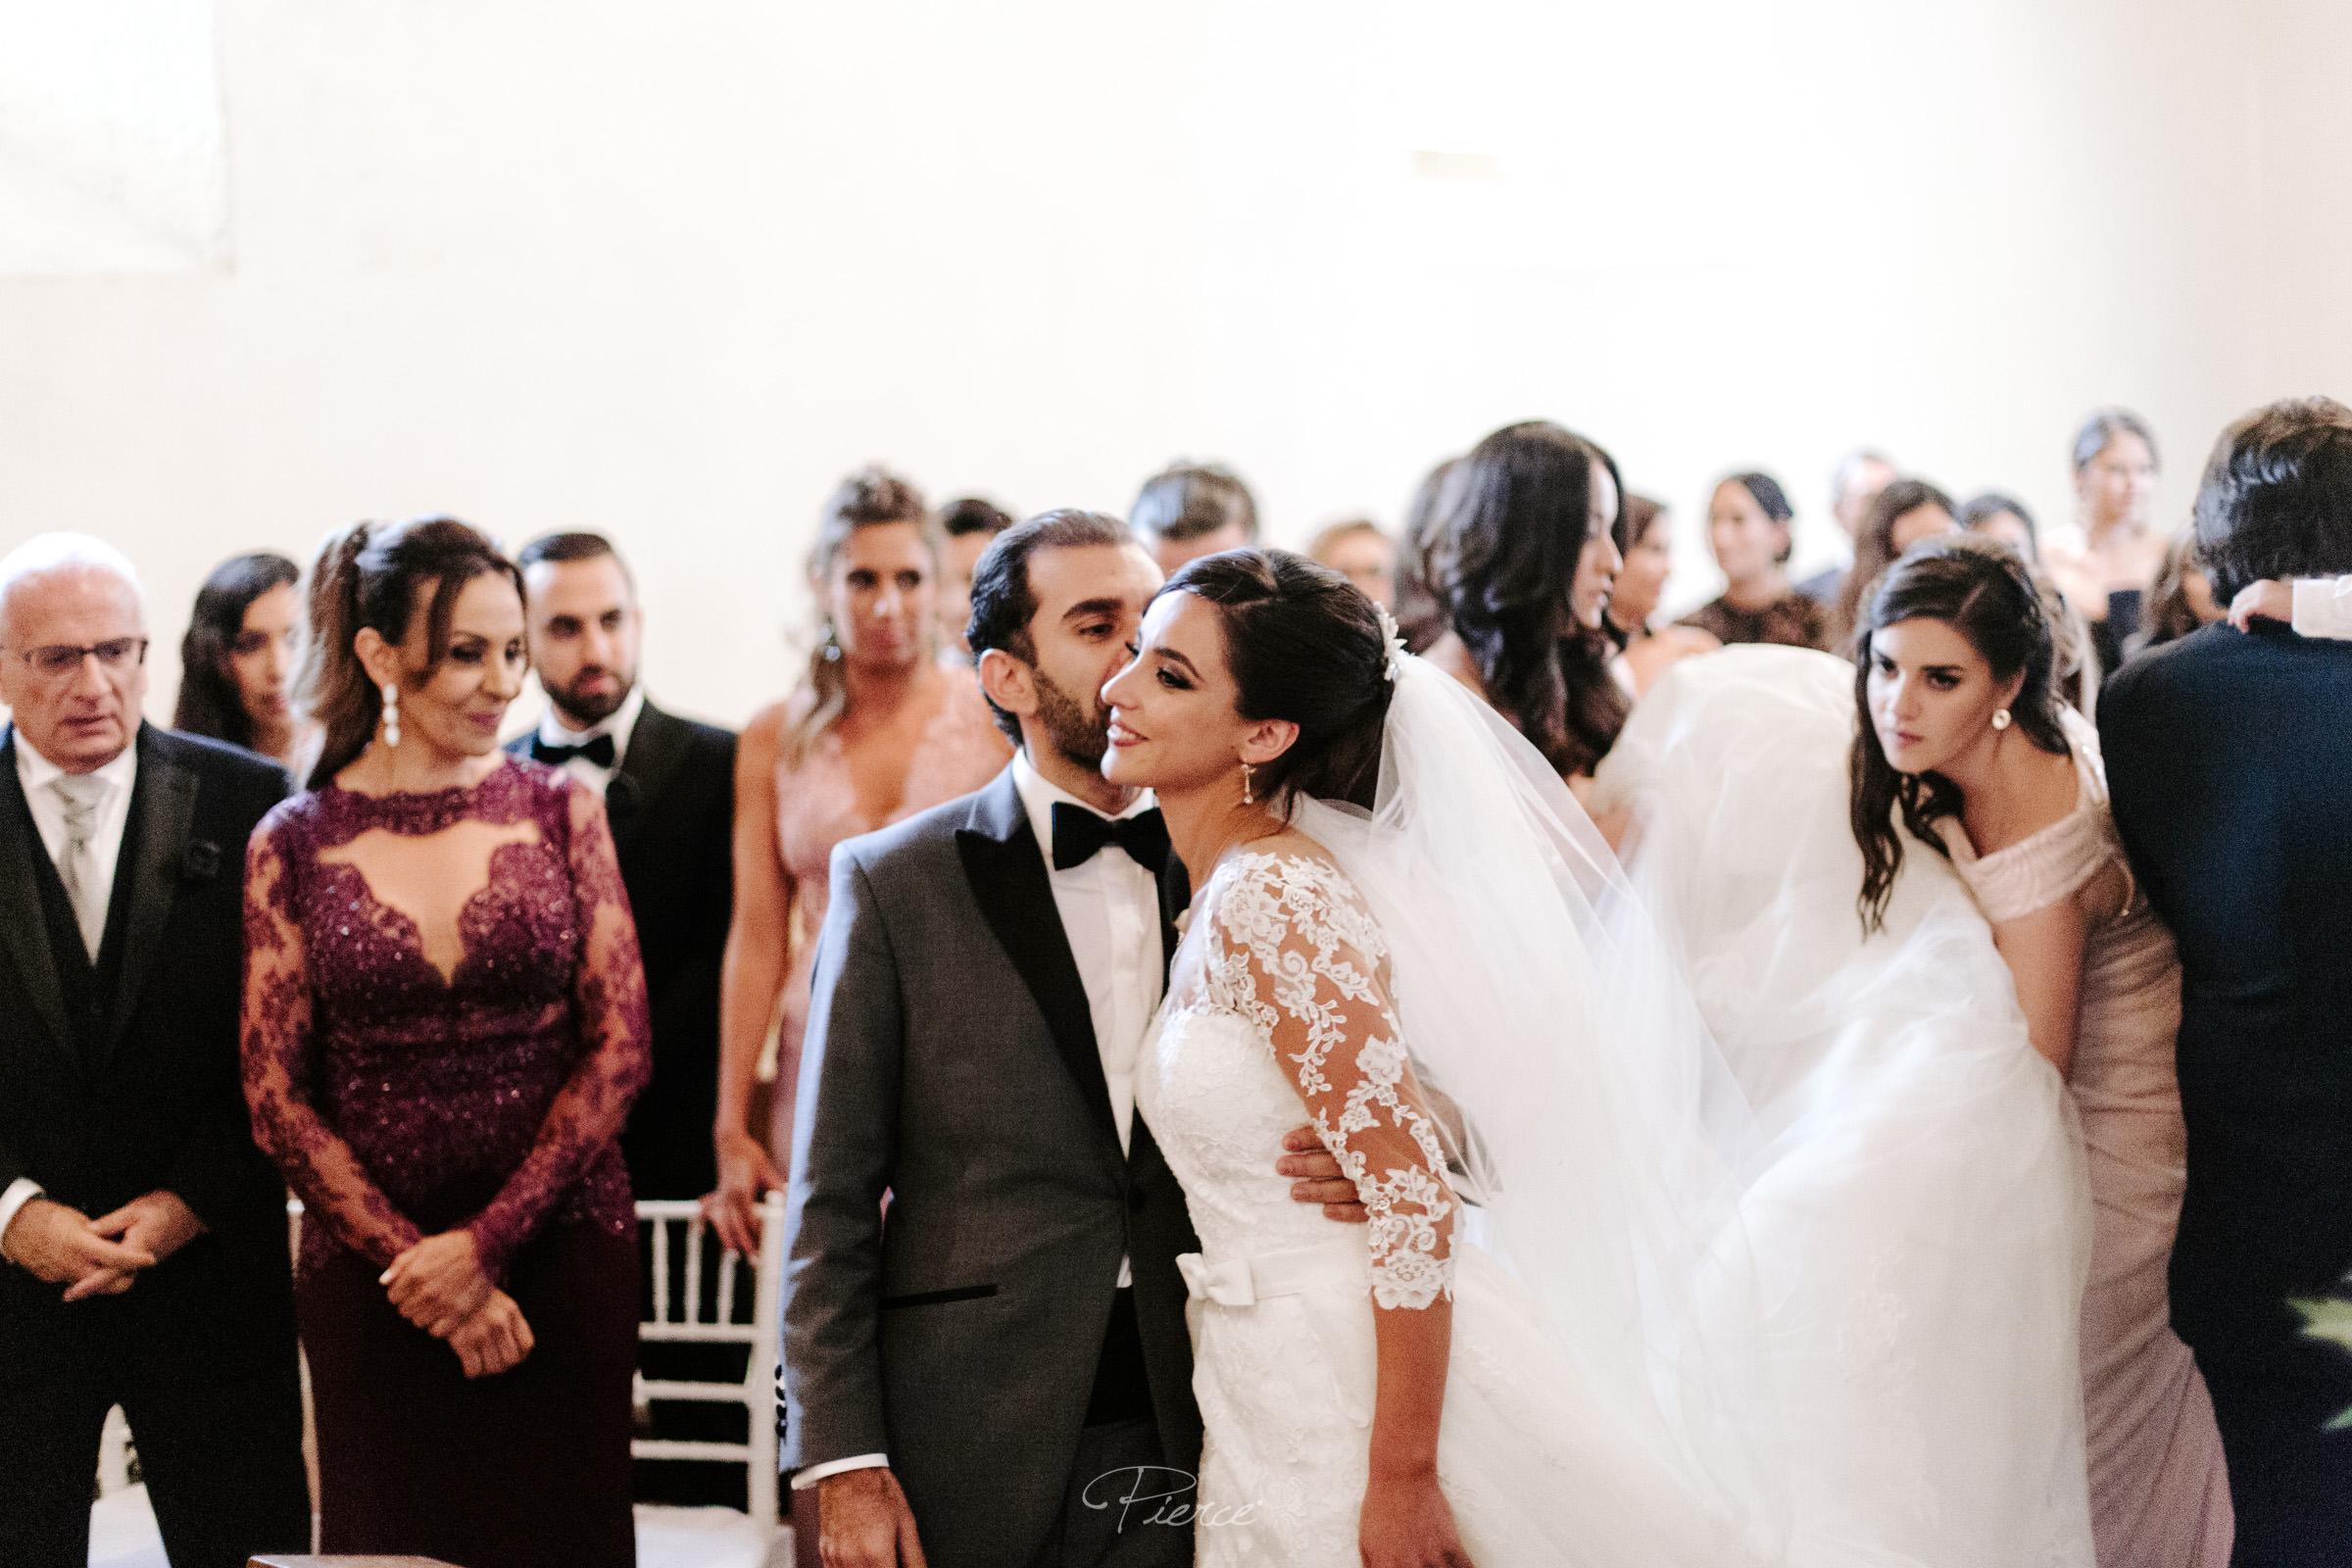 fotografia-de-boda-valle-de-bravo-mexico-rosmarino-pierce-weddings-0074.JPG